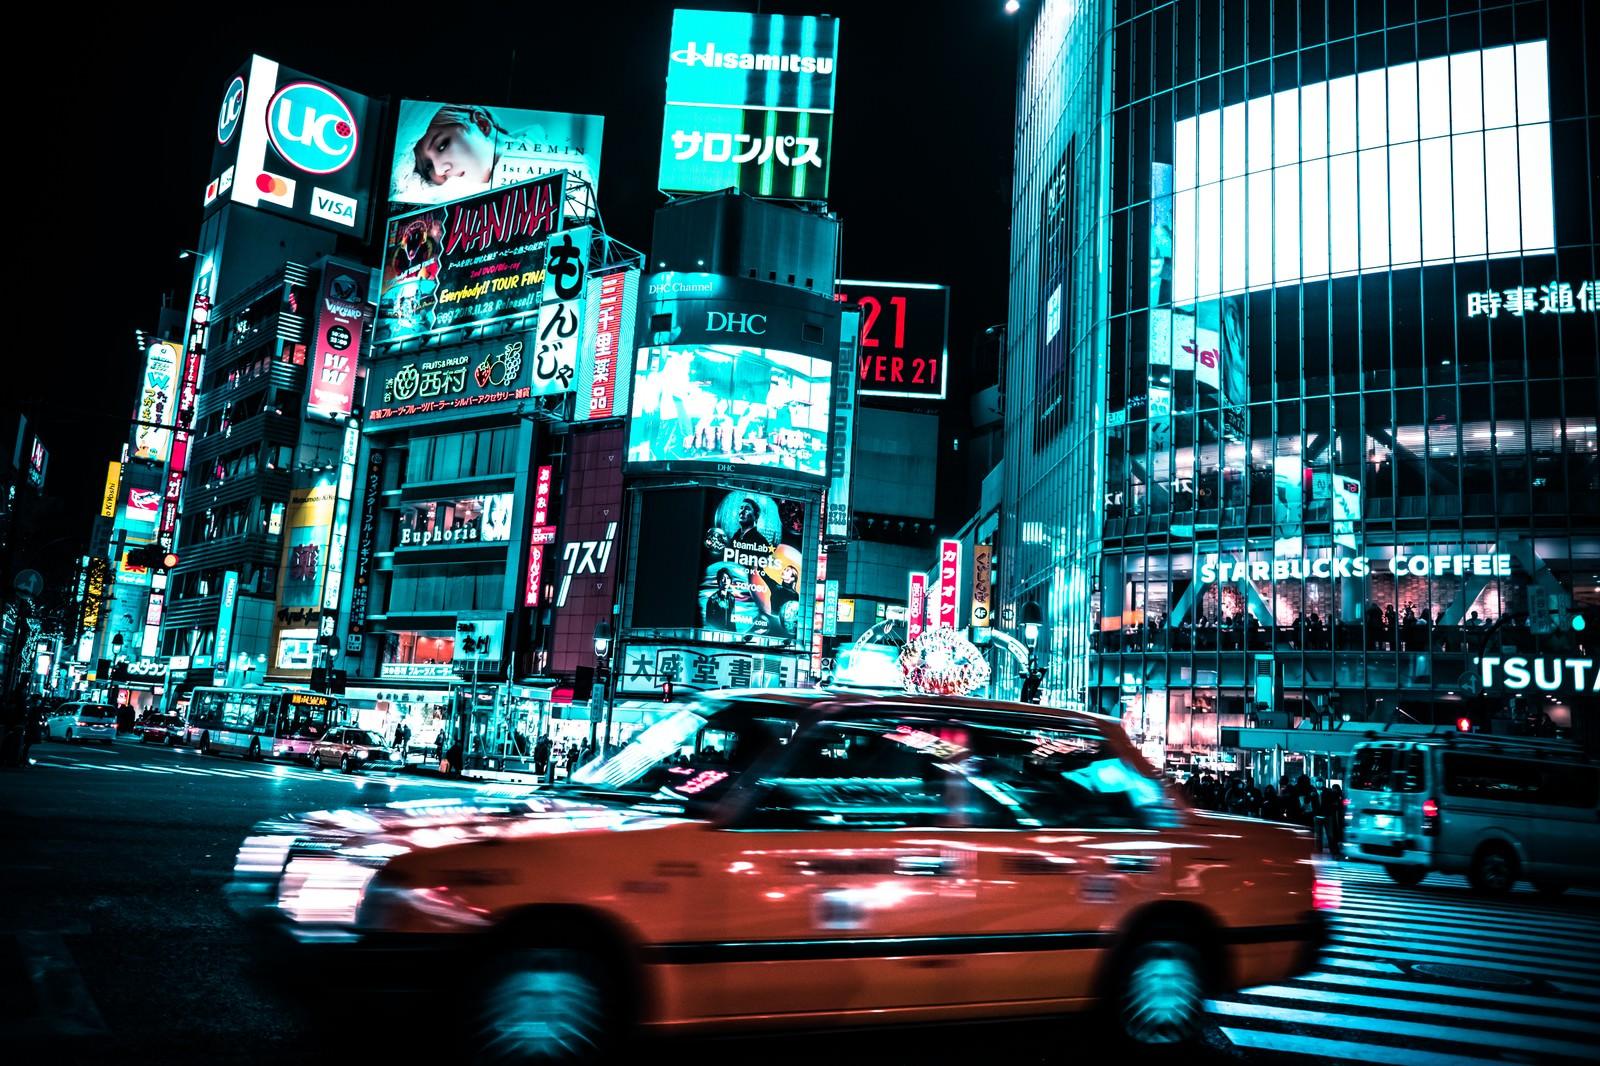 「渋谷のスクランブル交差点を走り抜ける車」の写真